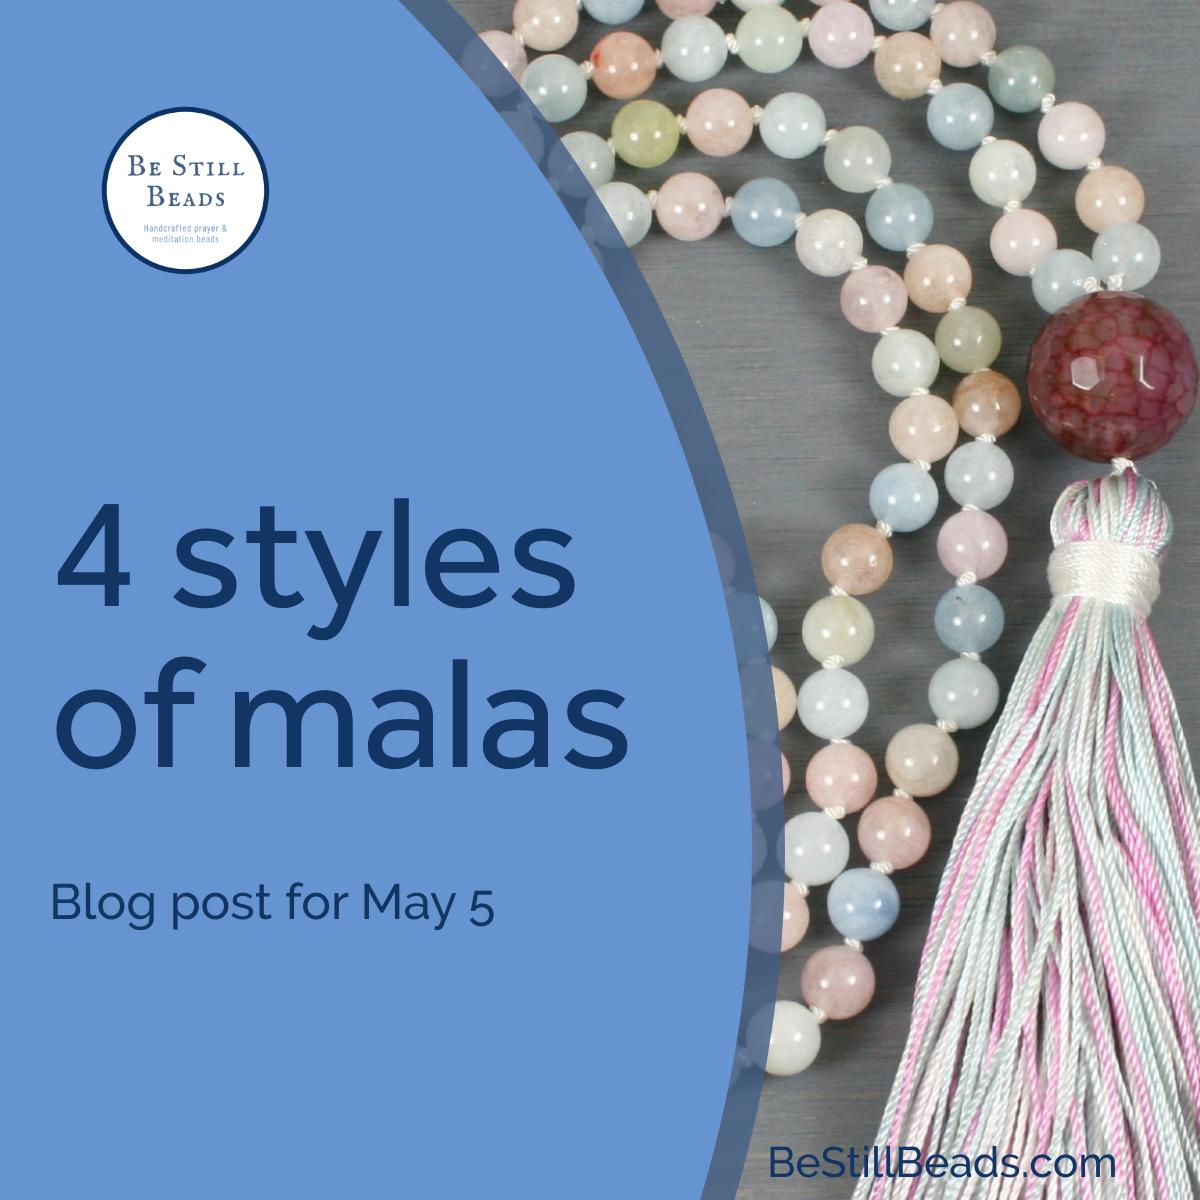 4 Styles of Malas